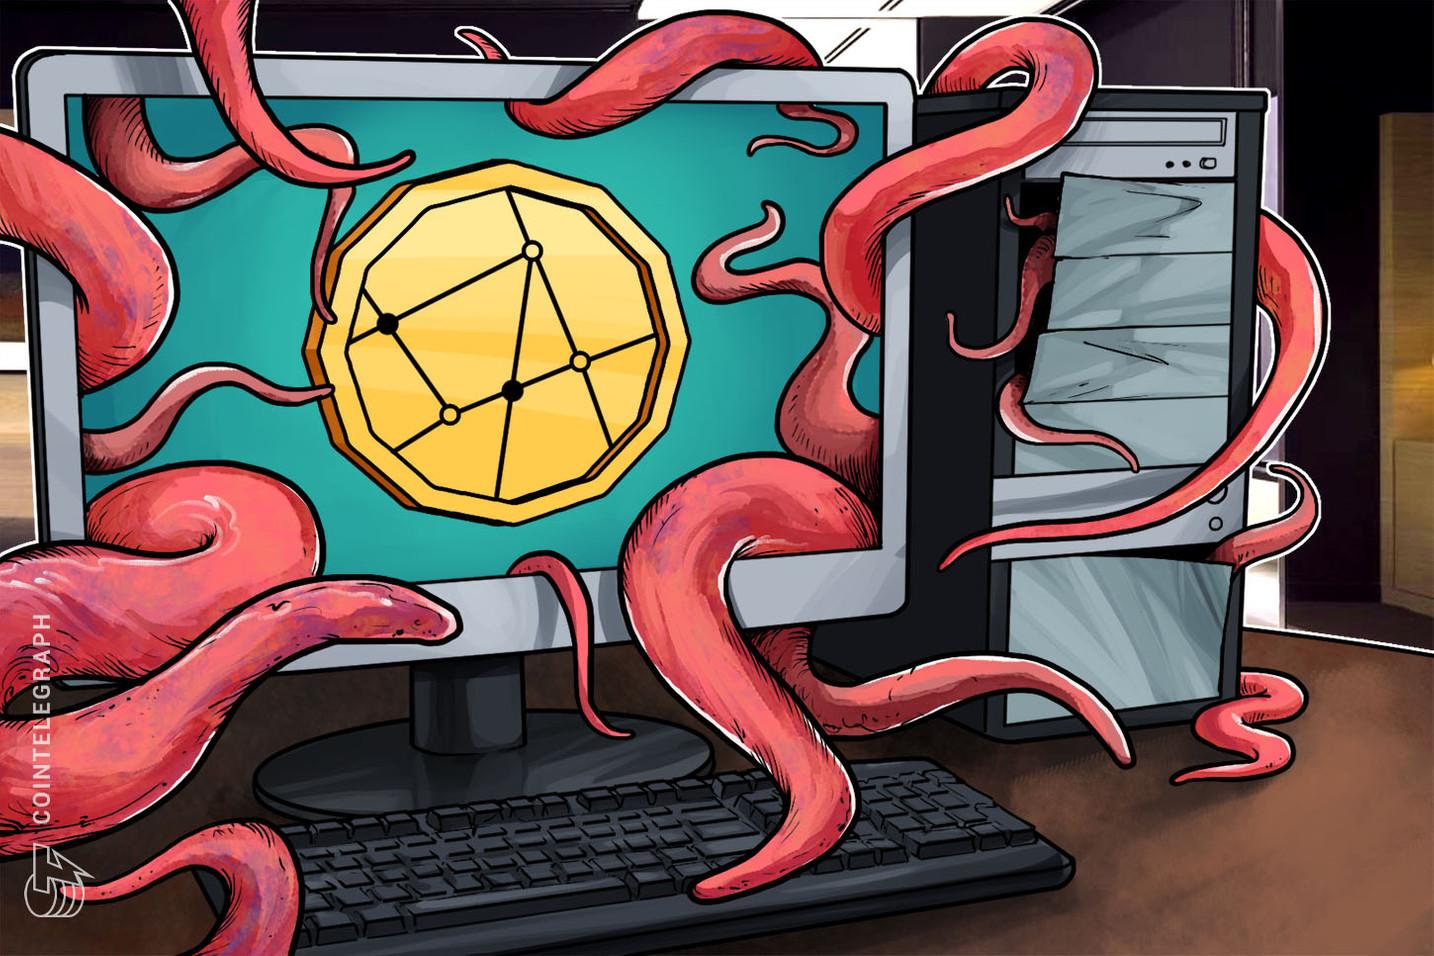 """""""Infizieren und profitieren"""": Cryptojacking-Vorfälle laut McAfee in Q1 2018 um 629 Prozent gestiegen"""